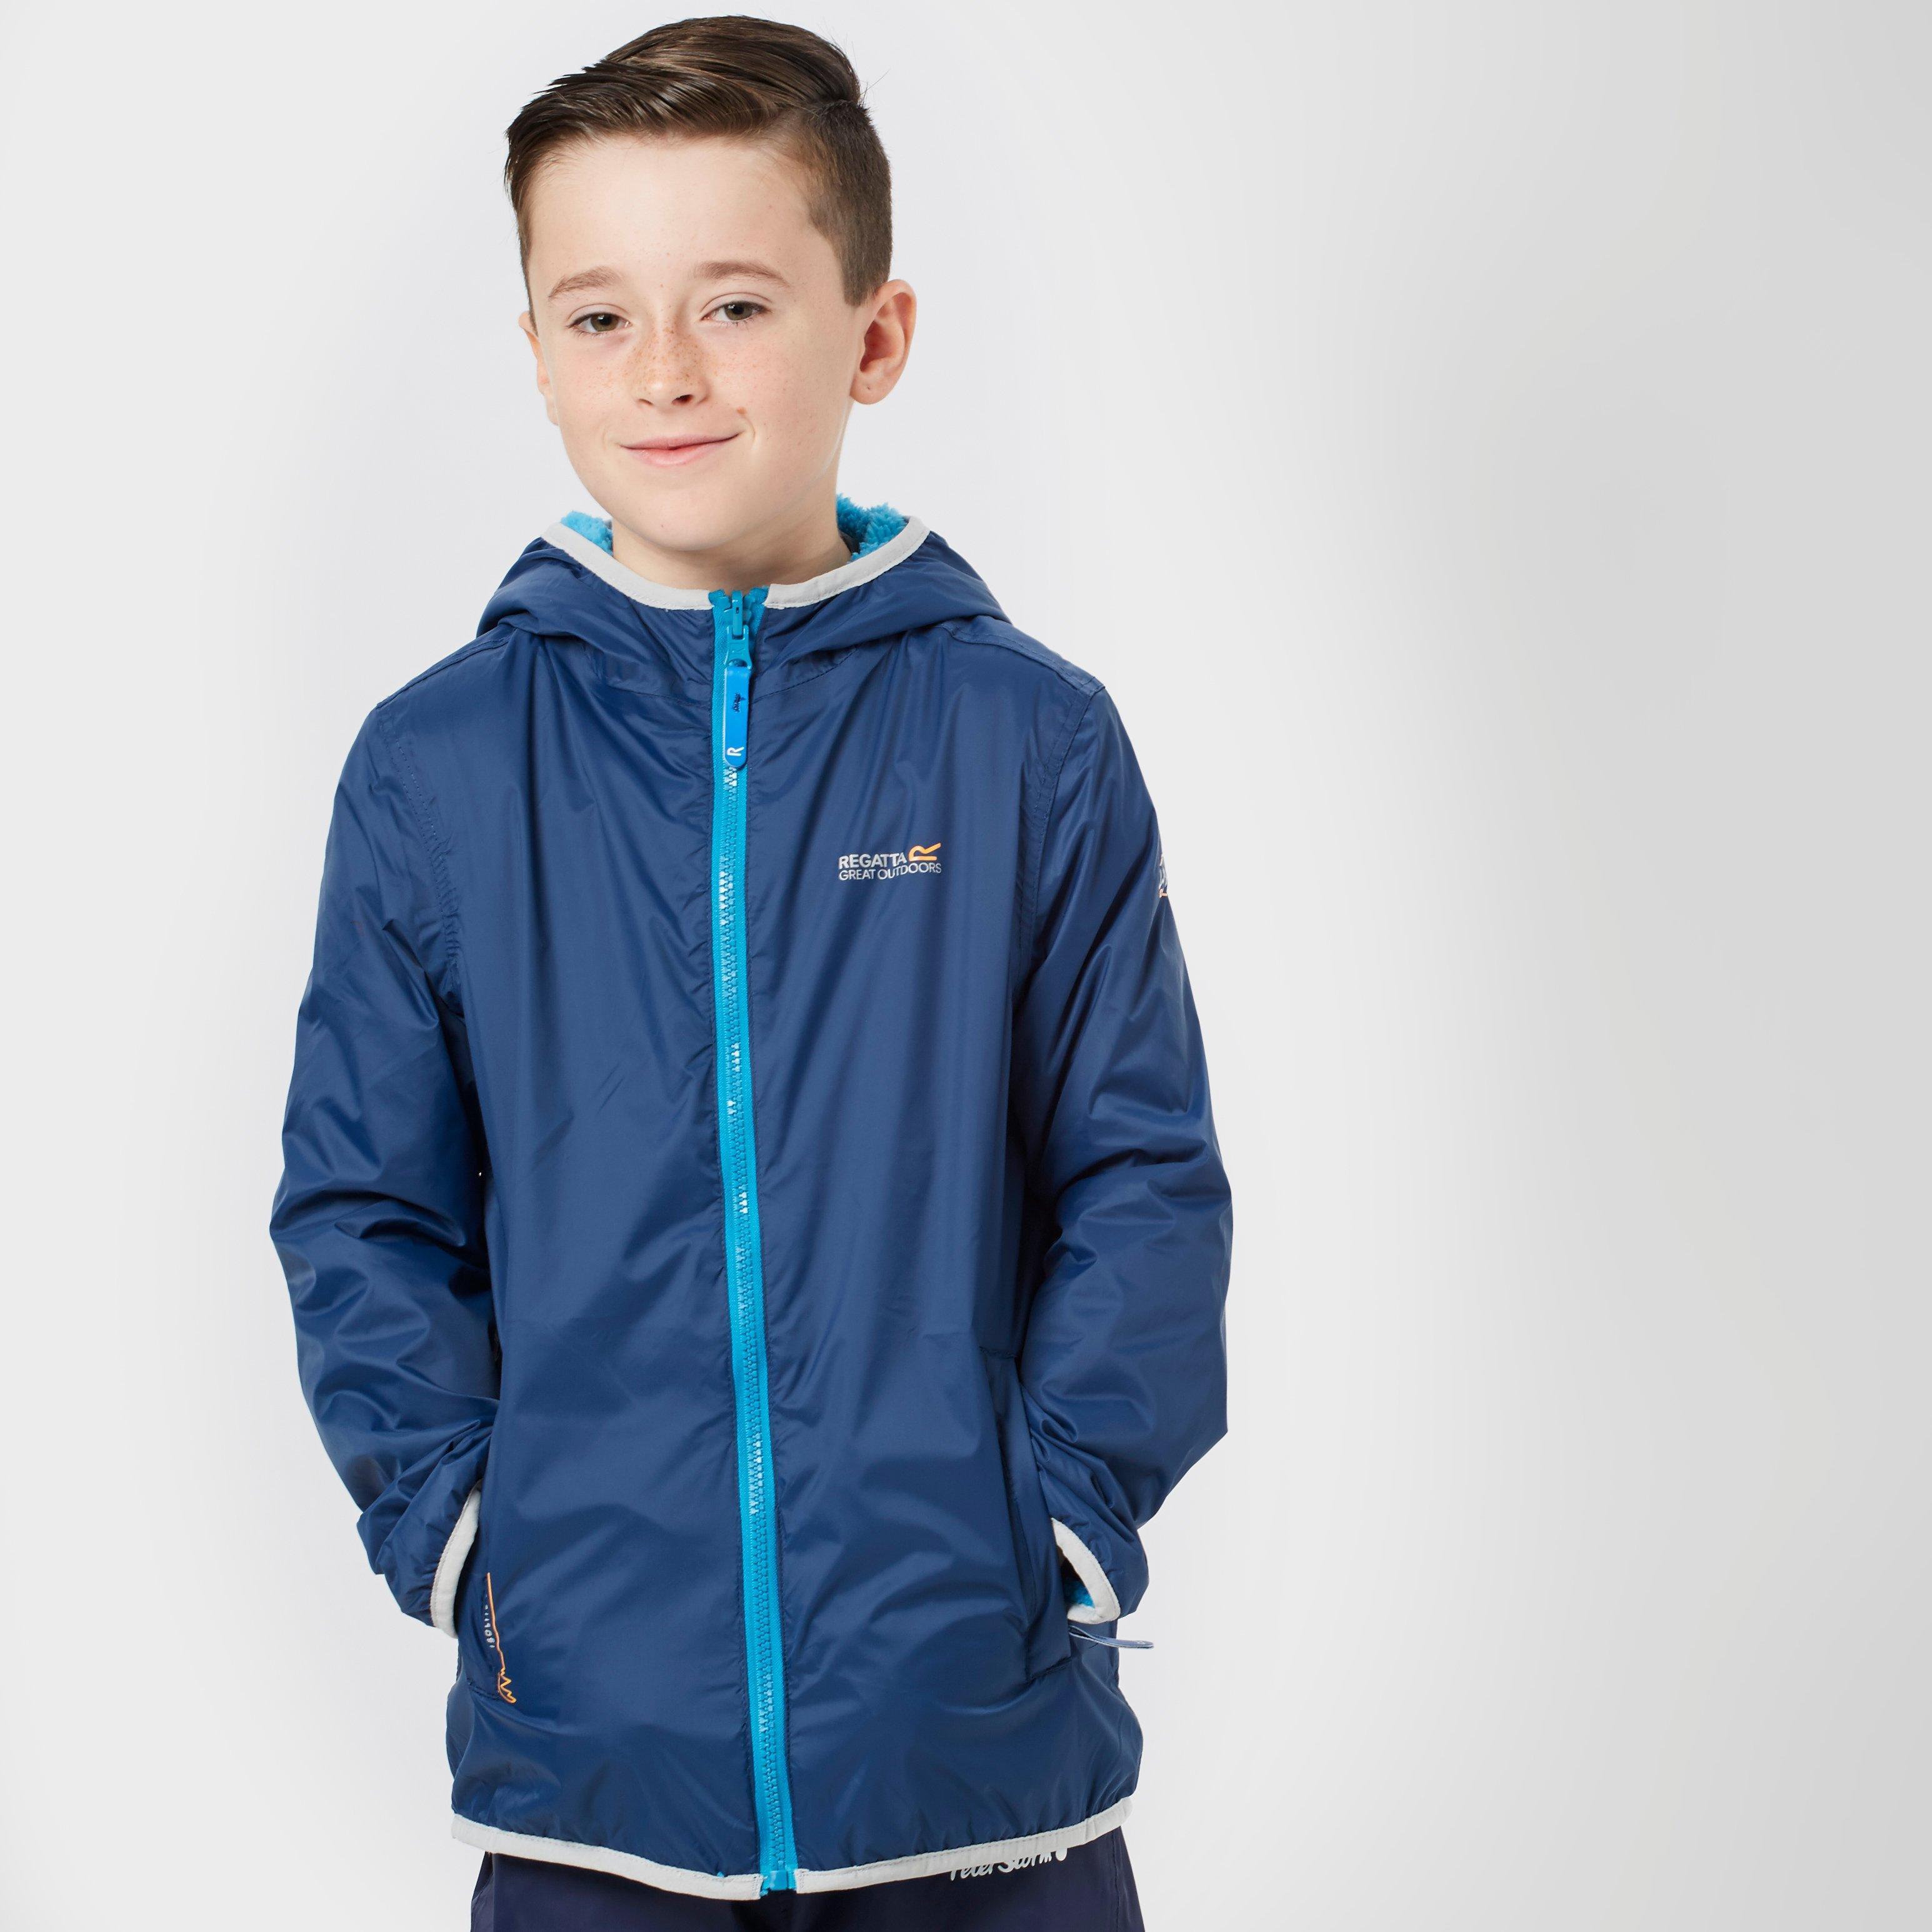 Regatta Boys Lagoona Reversible Jacket  Blue Blue